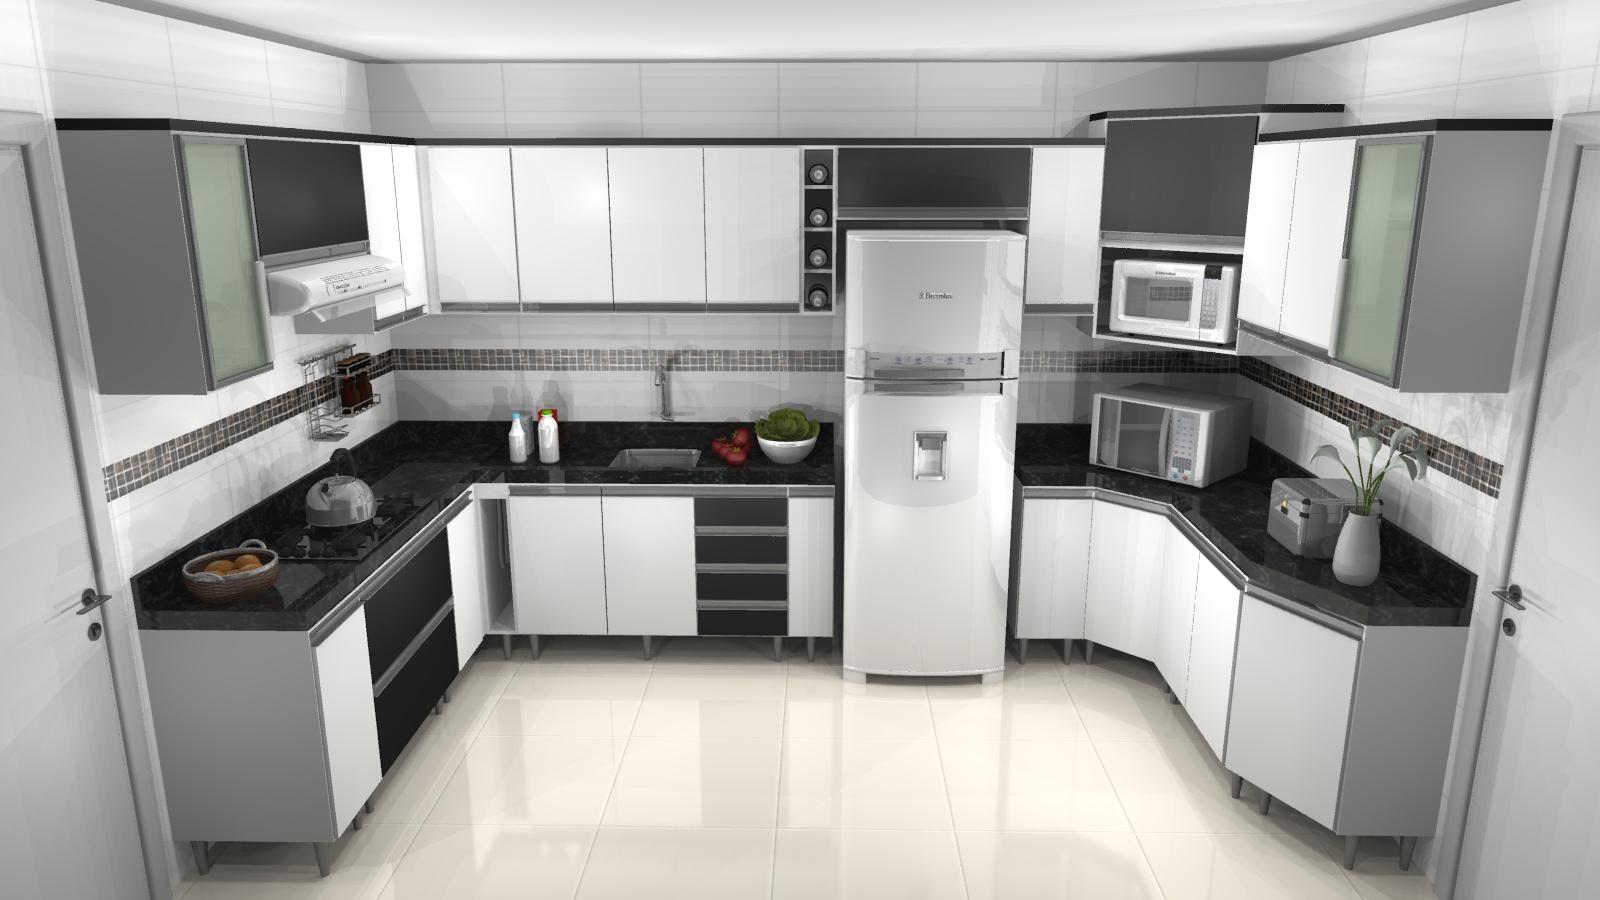 Cozinhas planejadas: Armários de cozinha Modelos lindos #5F4940 1600 900